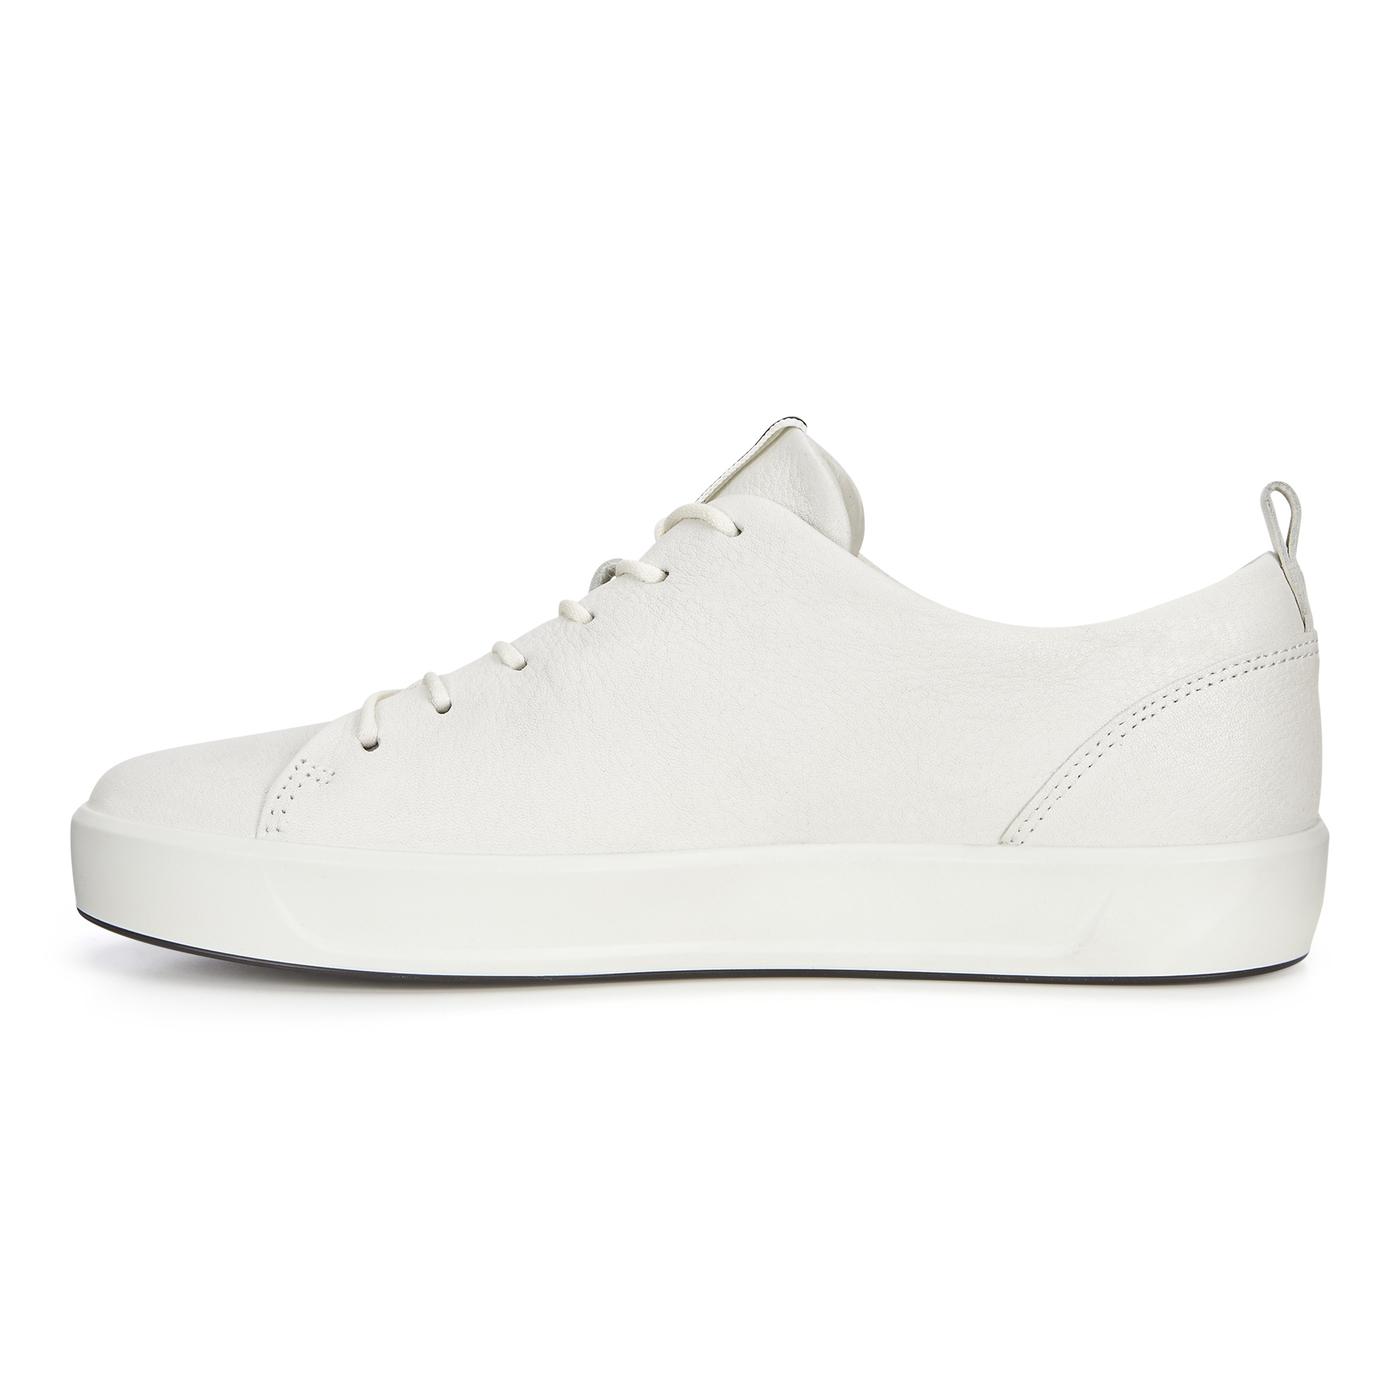 c14c6f5b14f4dd ECCO Women's Soft 8 Sneaker | Women's Casual Shoes | ECCO® Shoes